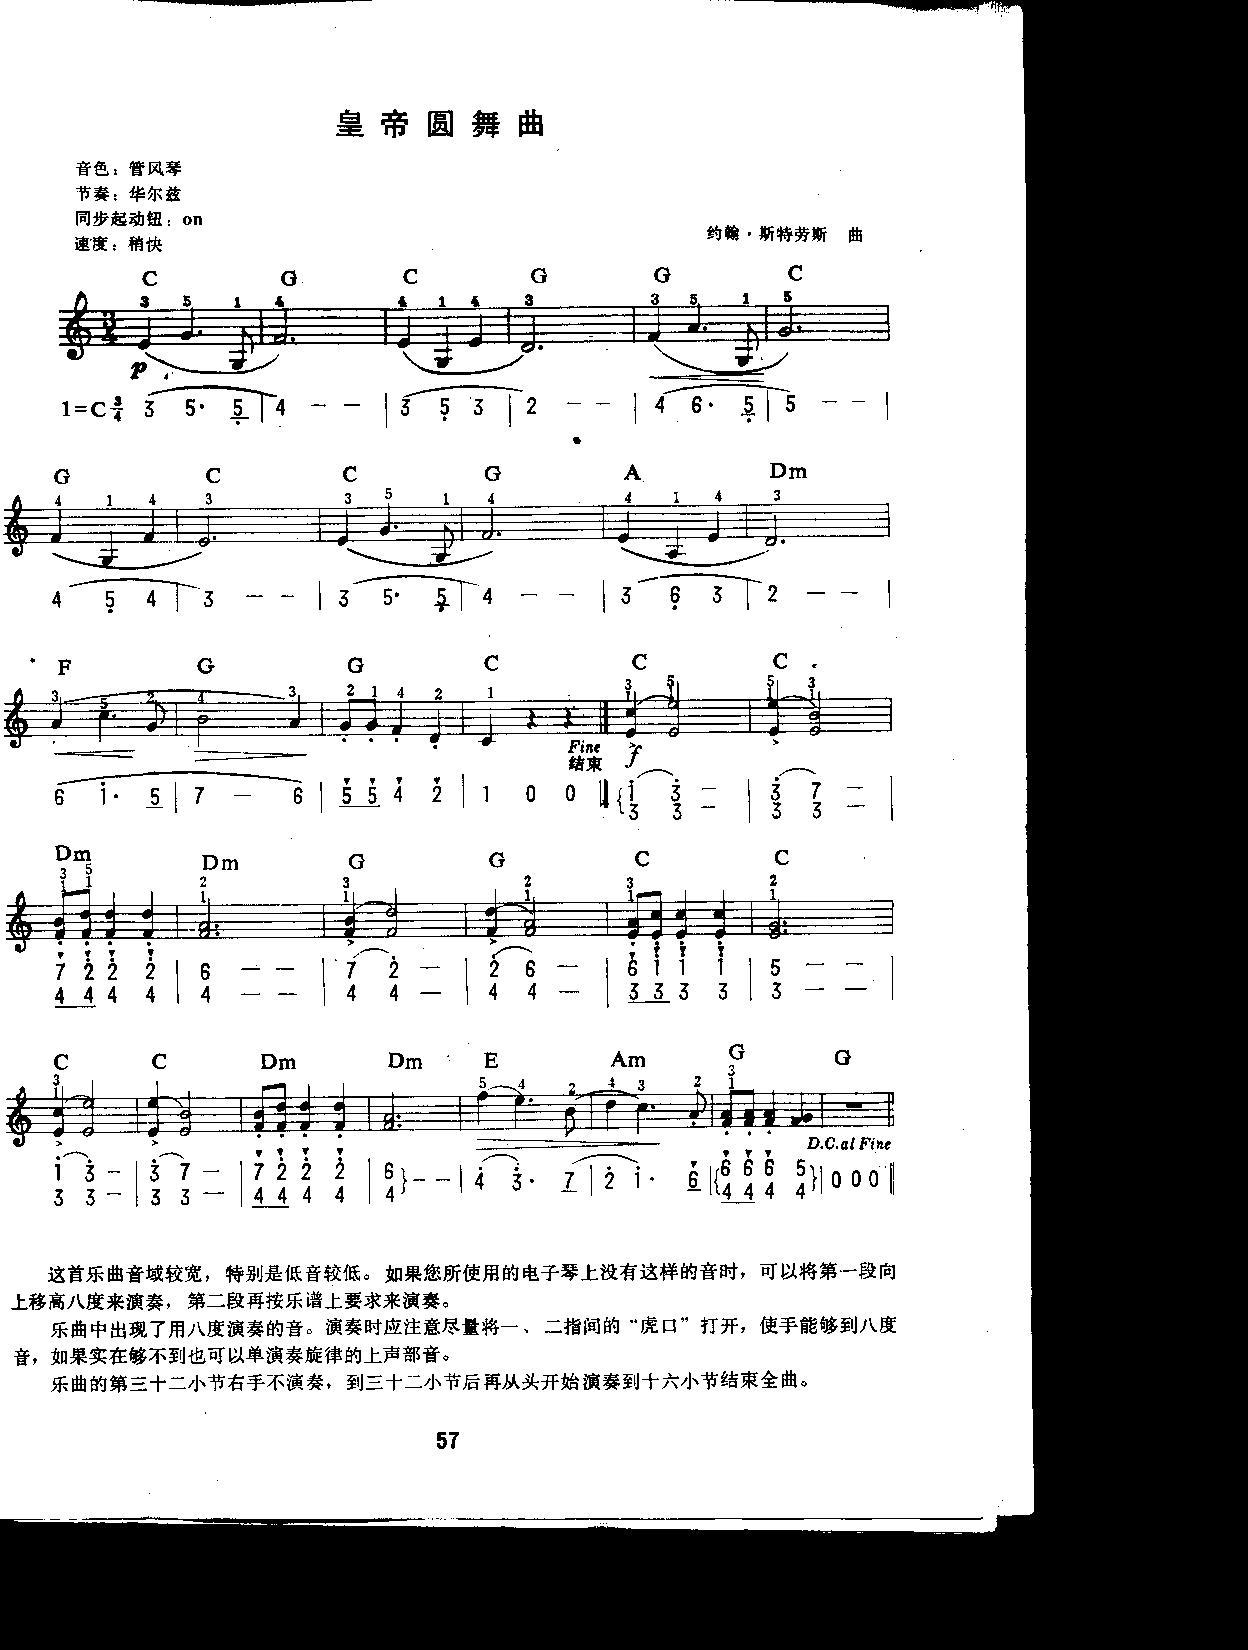 圆舞曲 中级班电子琴乐谱